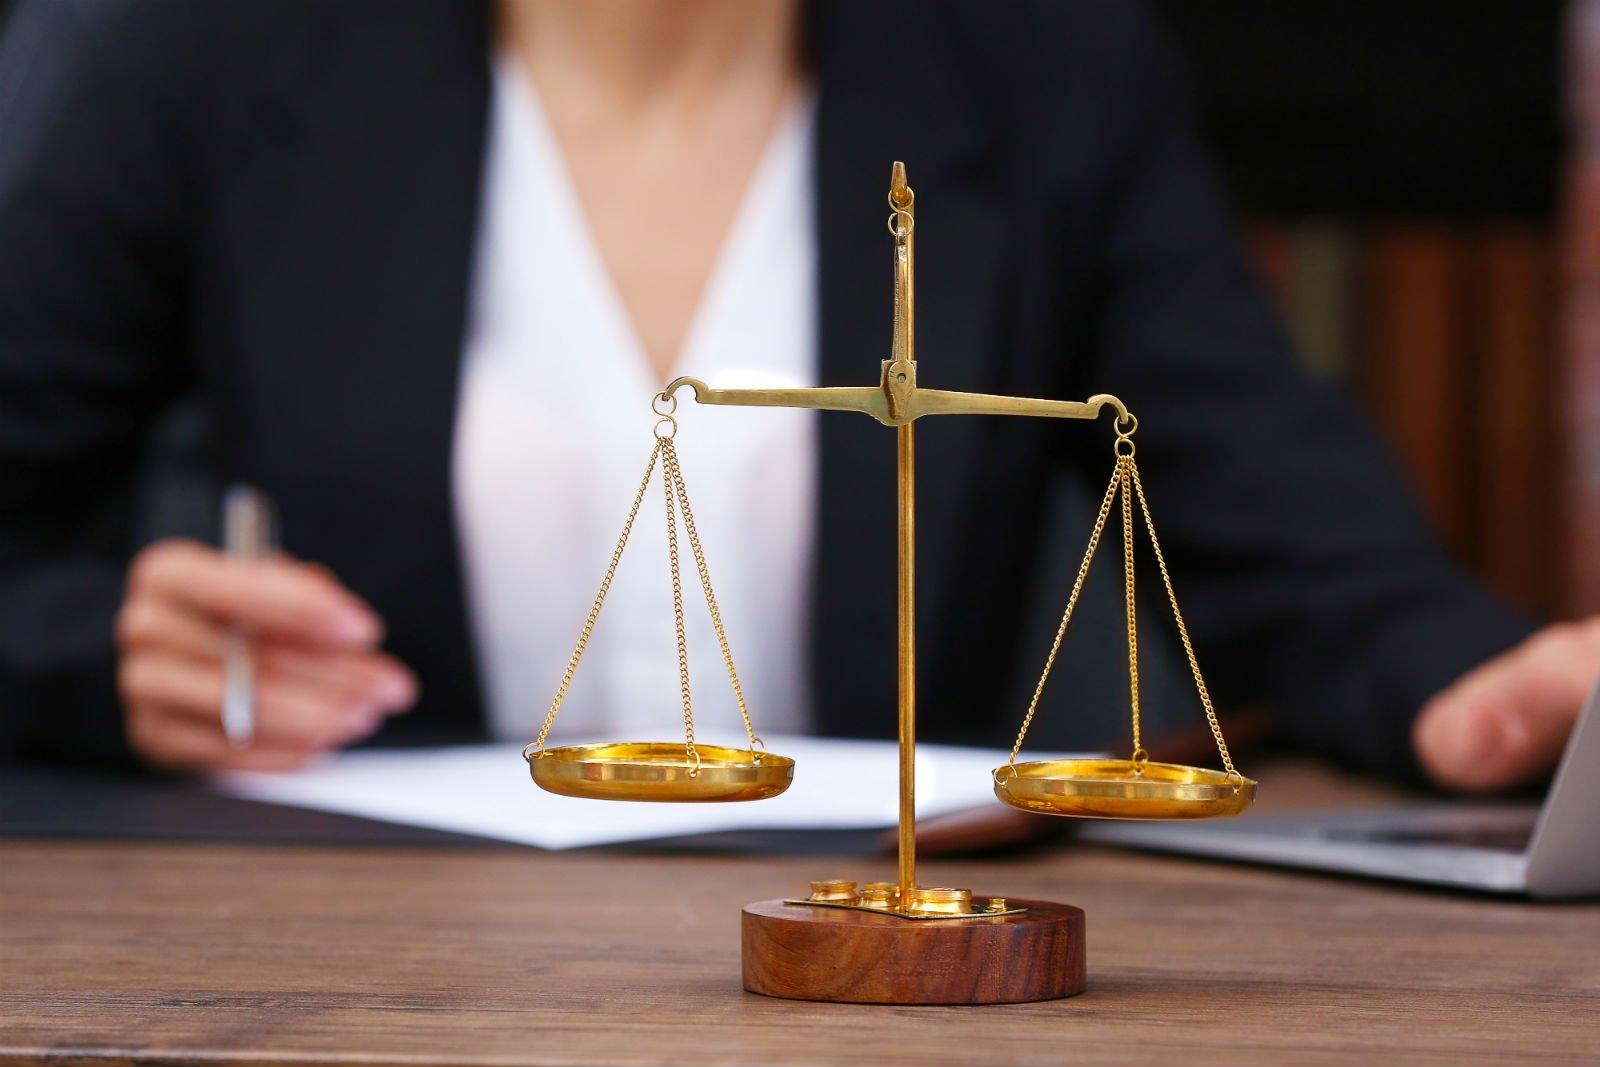 piccola bilancia simbolo della giustizia